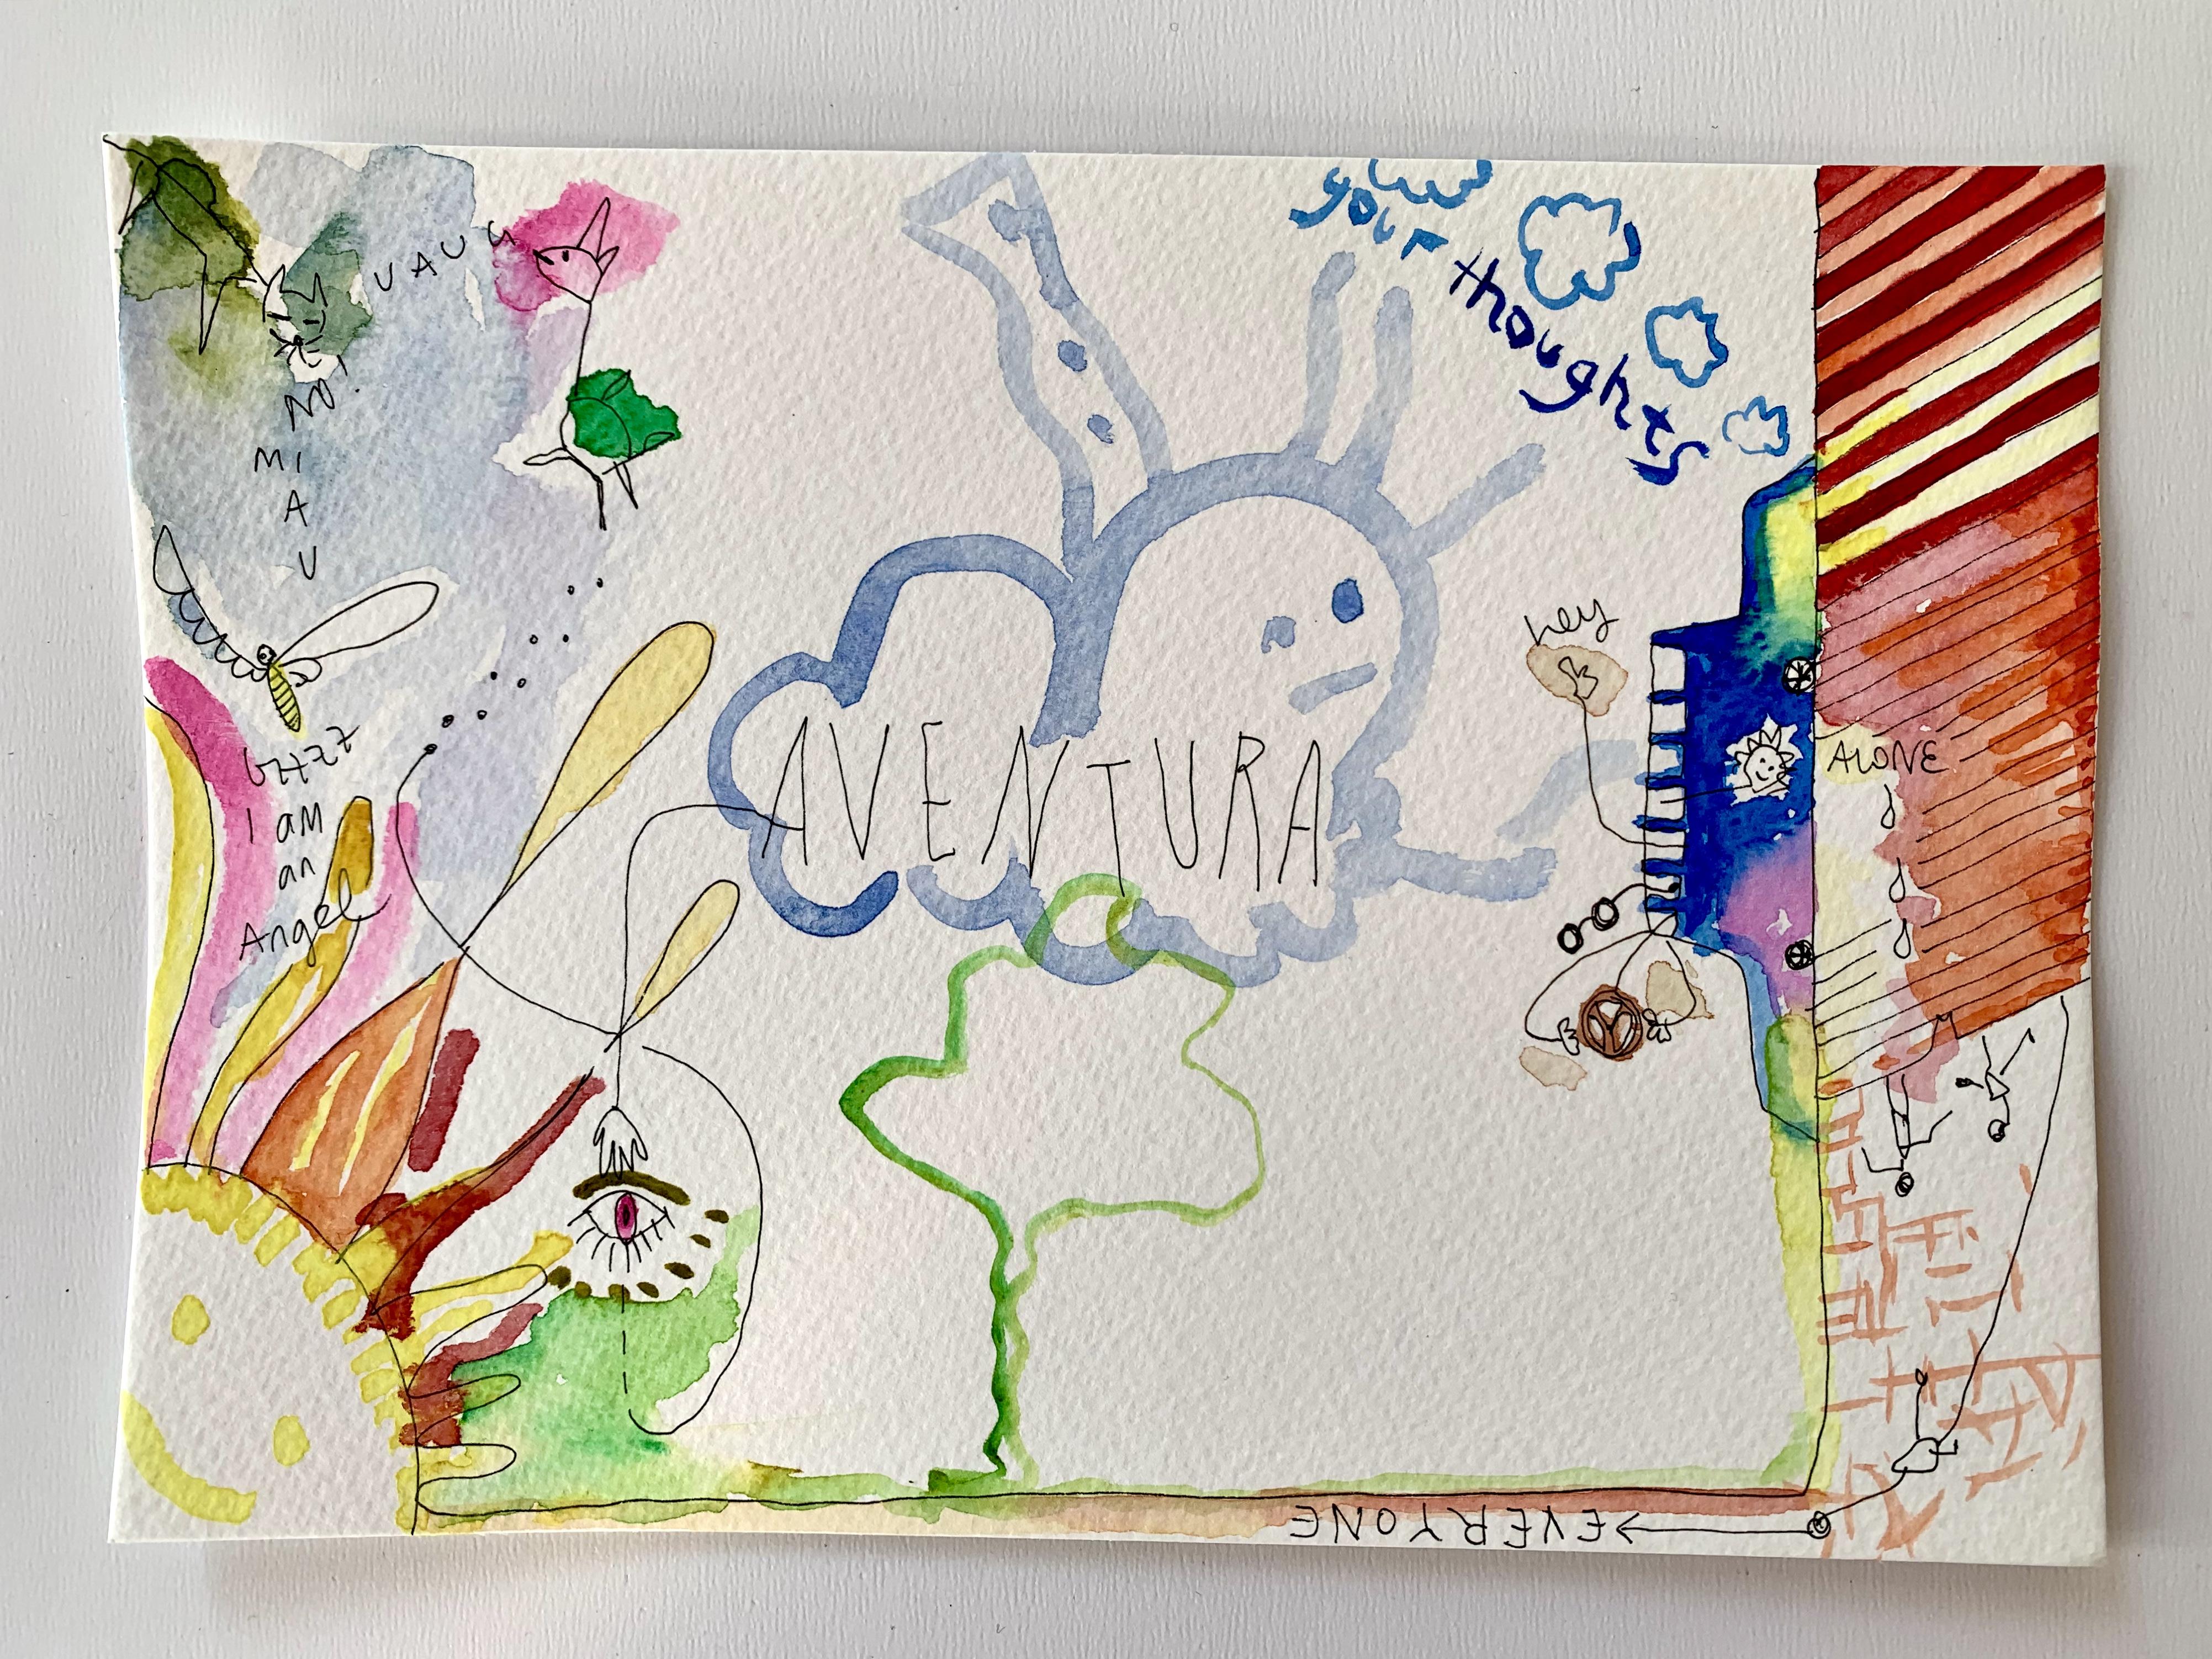 200423_Maricruz Peñaloza_Dibujo_Alicia_V